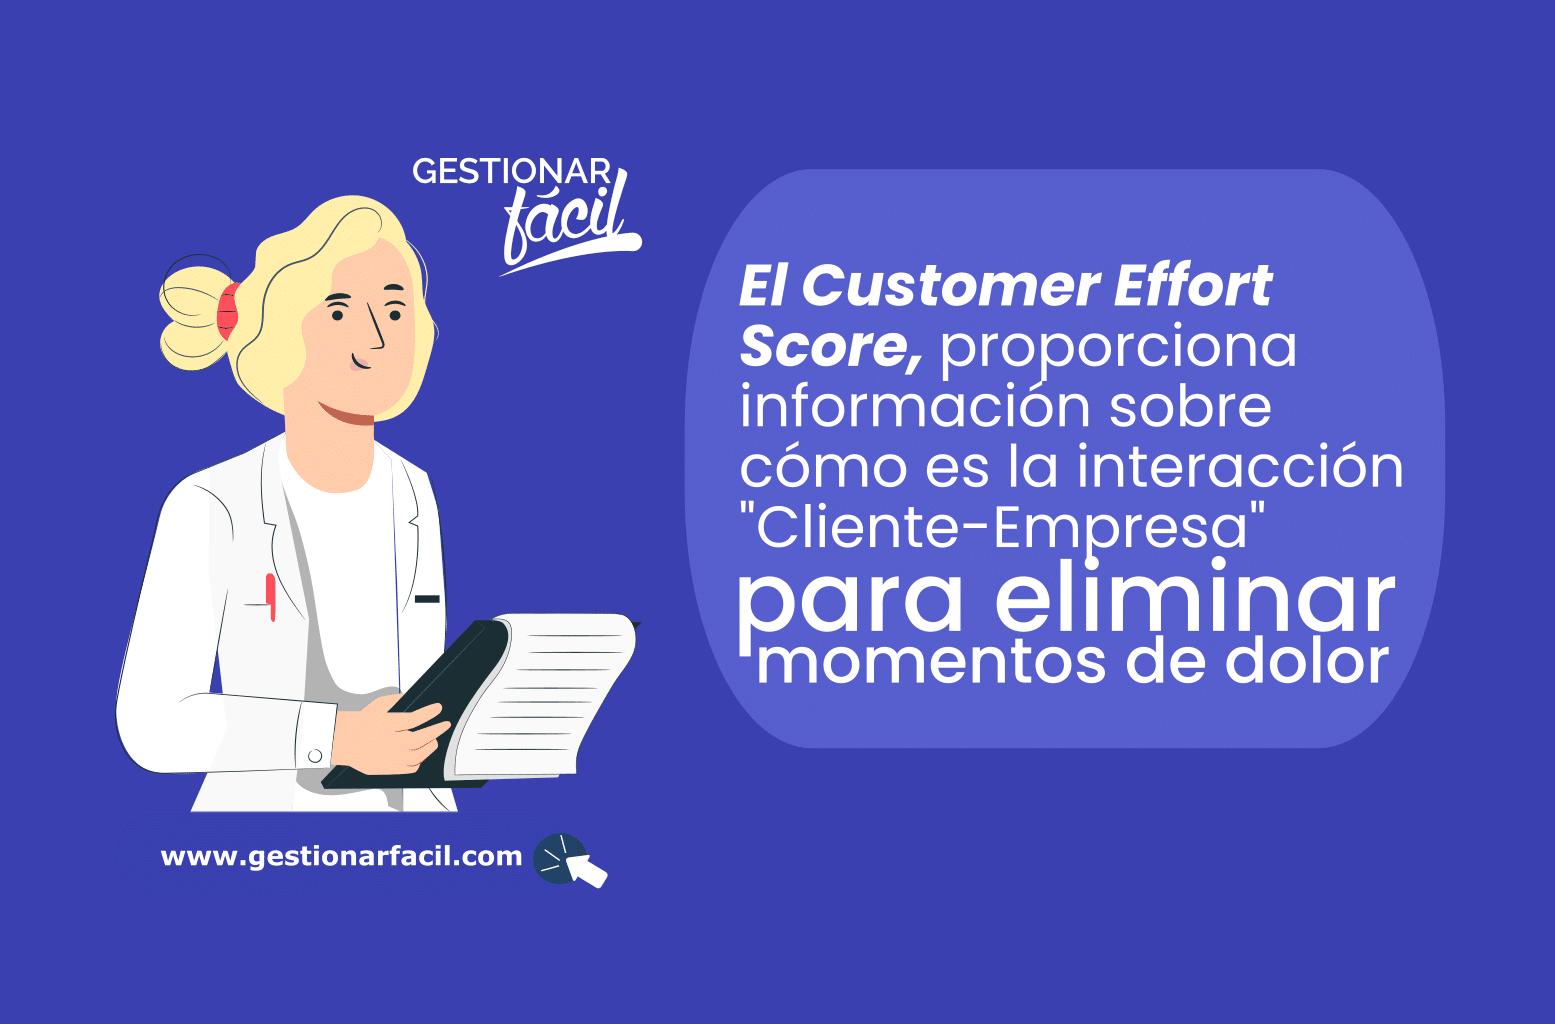 """El Customer Effort Score proporciona información sobre cómo es la interacción """"cliente-empresa"""" para eliminar """"momentos de dolor""""."""